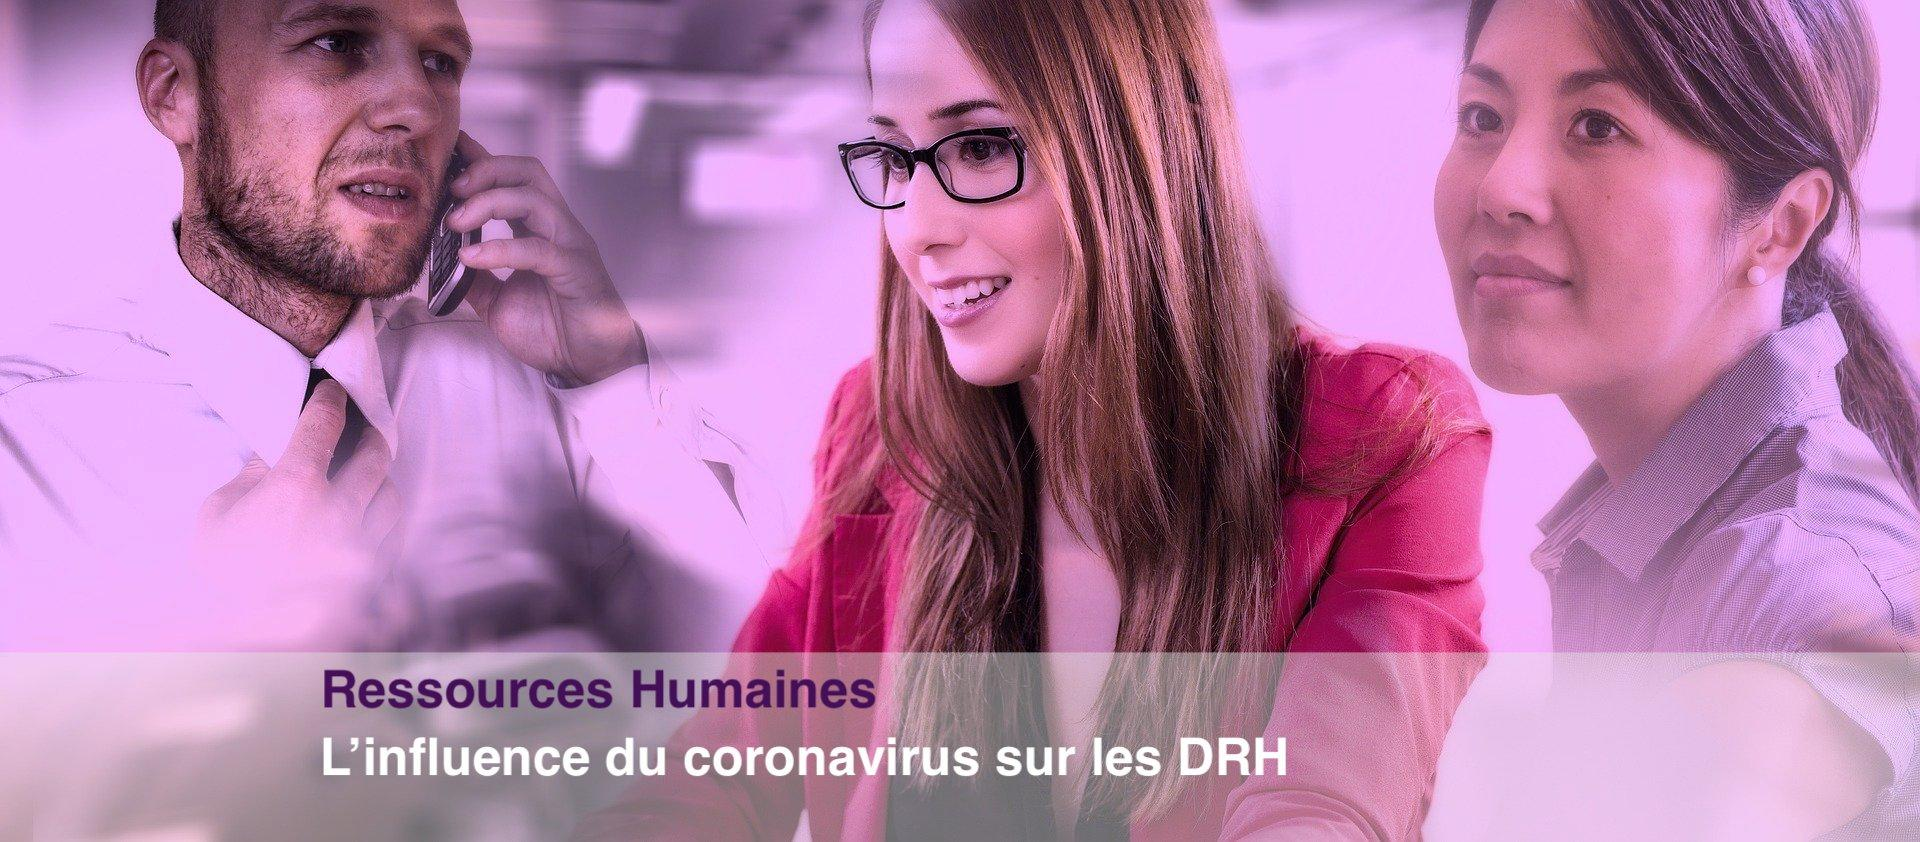 L'influence du coronavirus sur les DRH